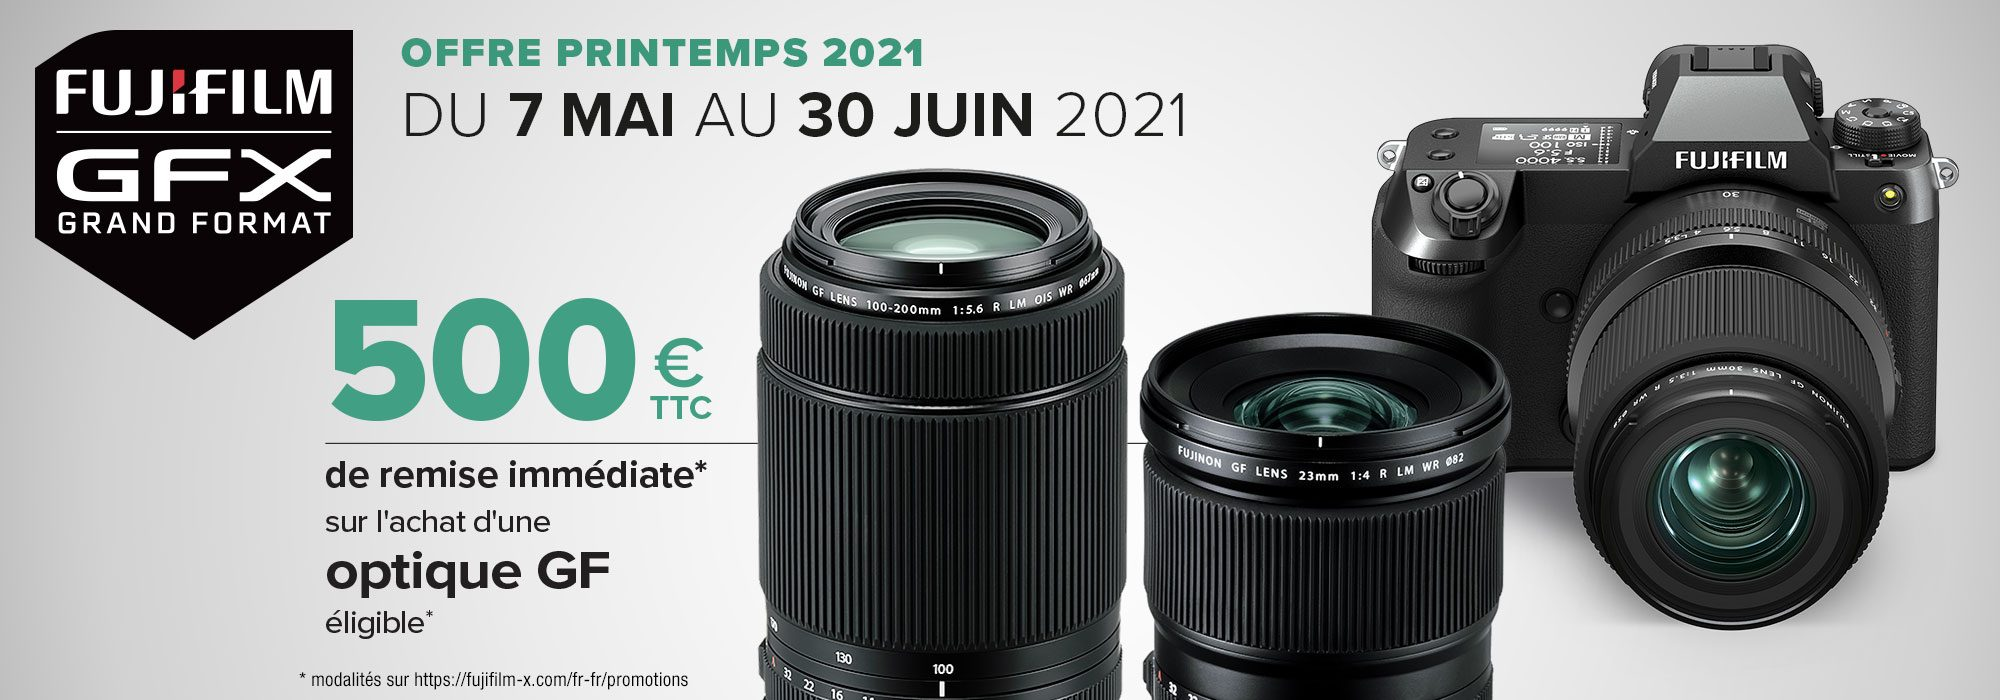 2021-04-IR-GF-WEB-2000x700-1